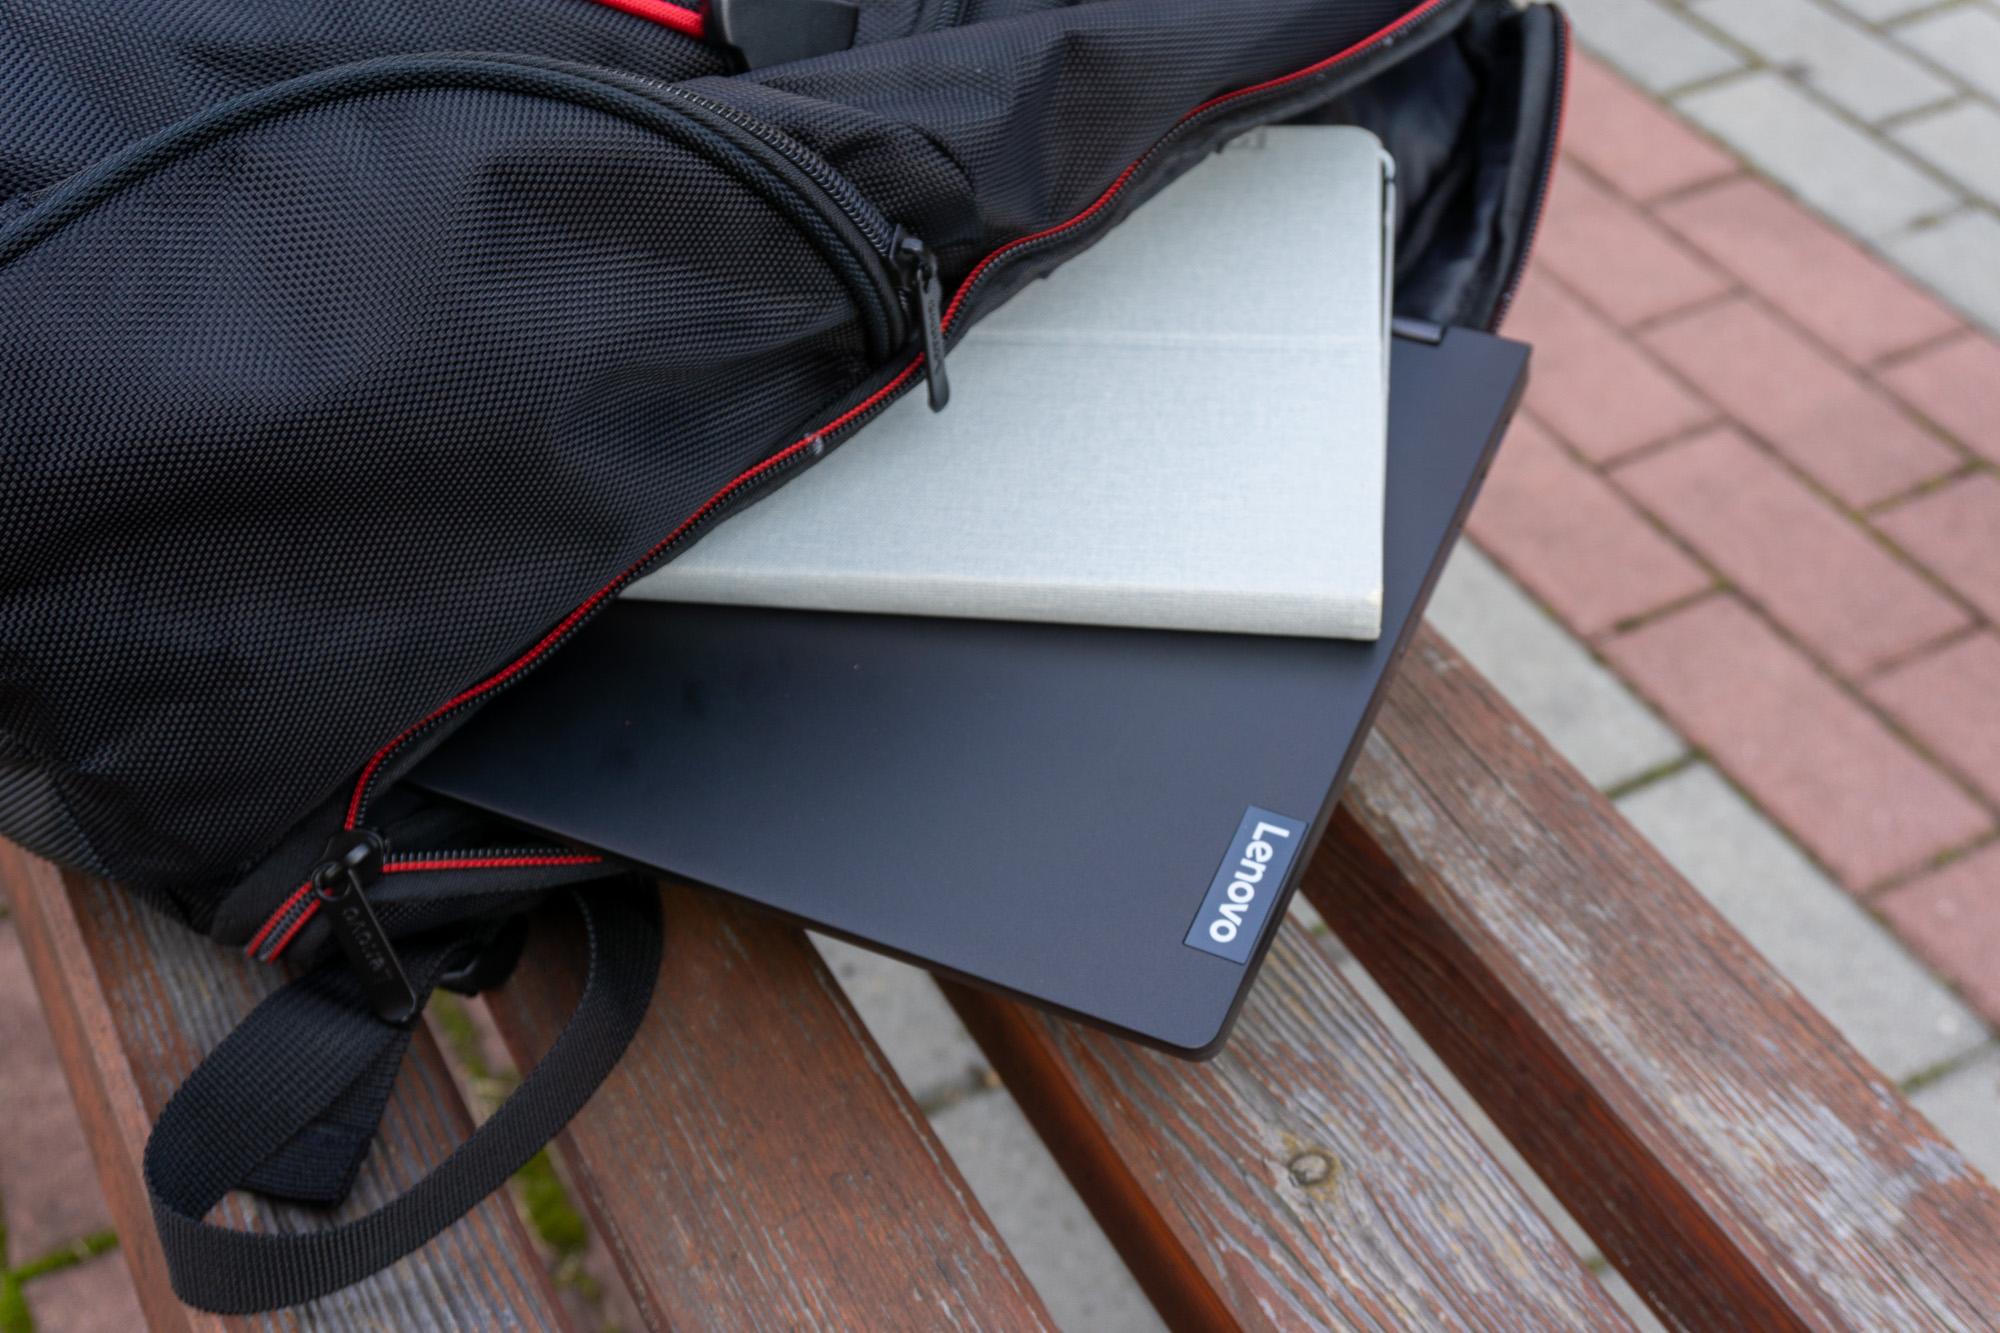 Co wybrać dla ucznia: laptop czy tablet? 19